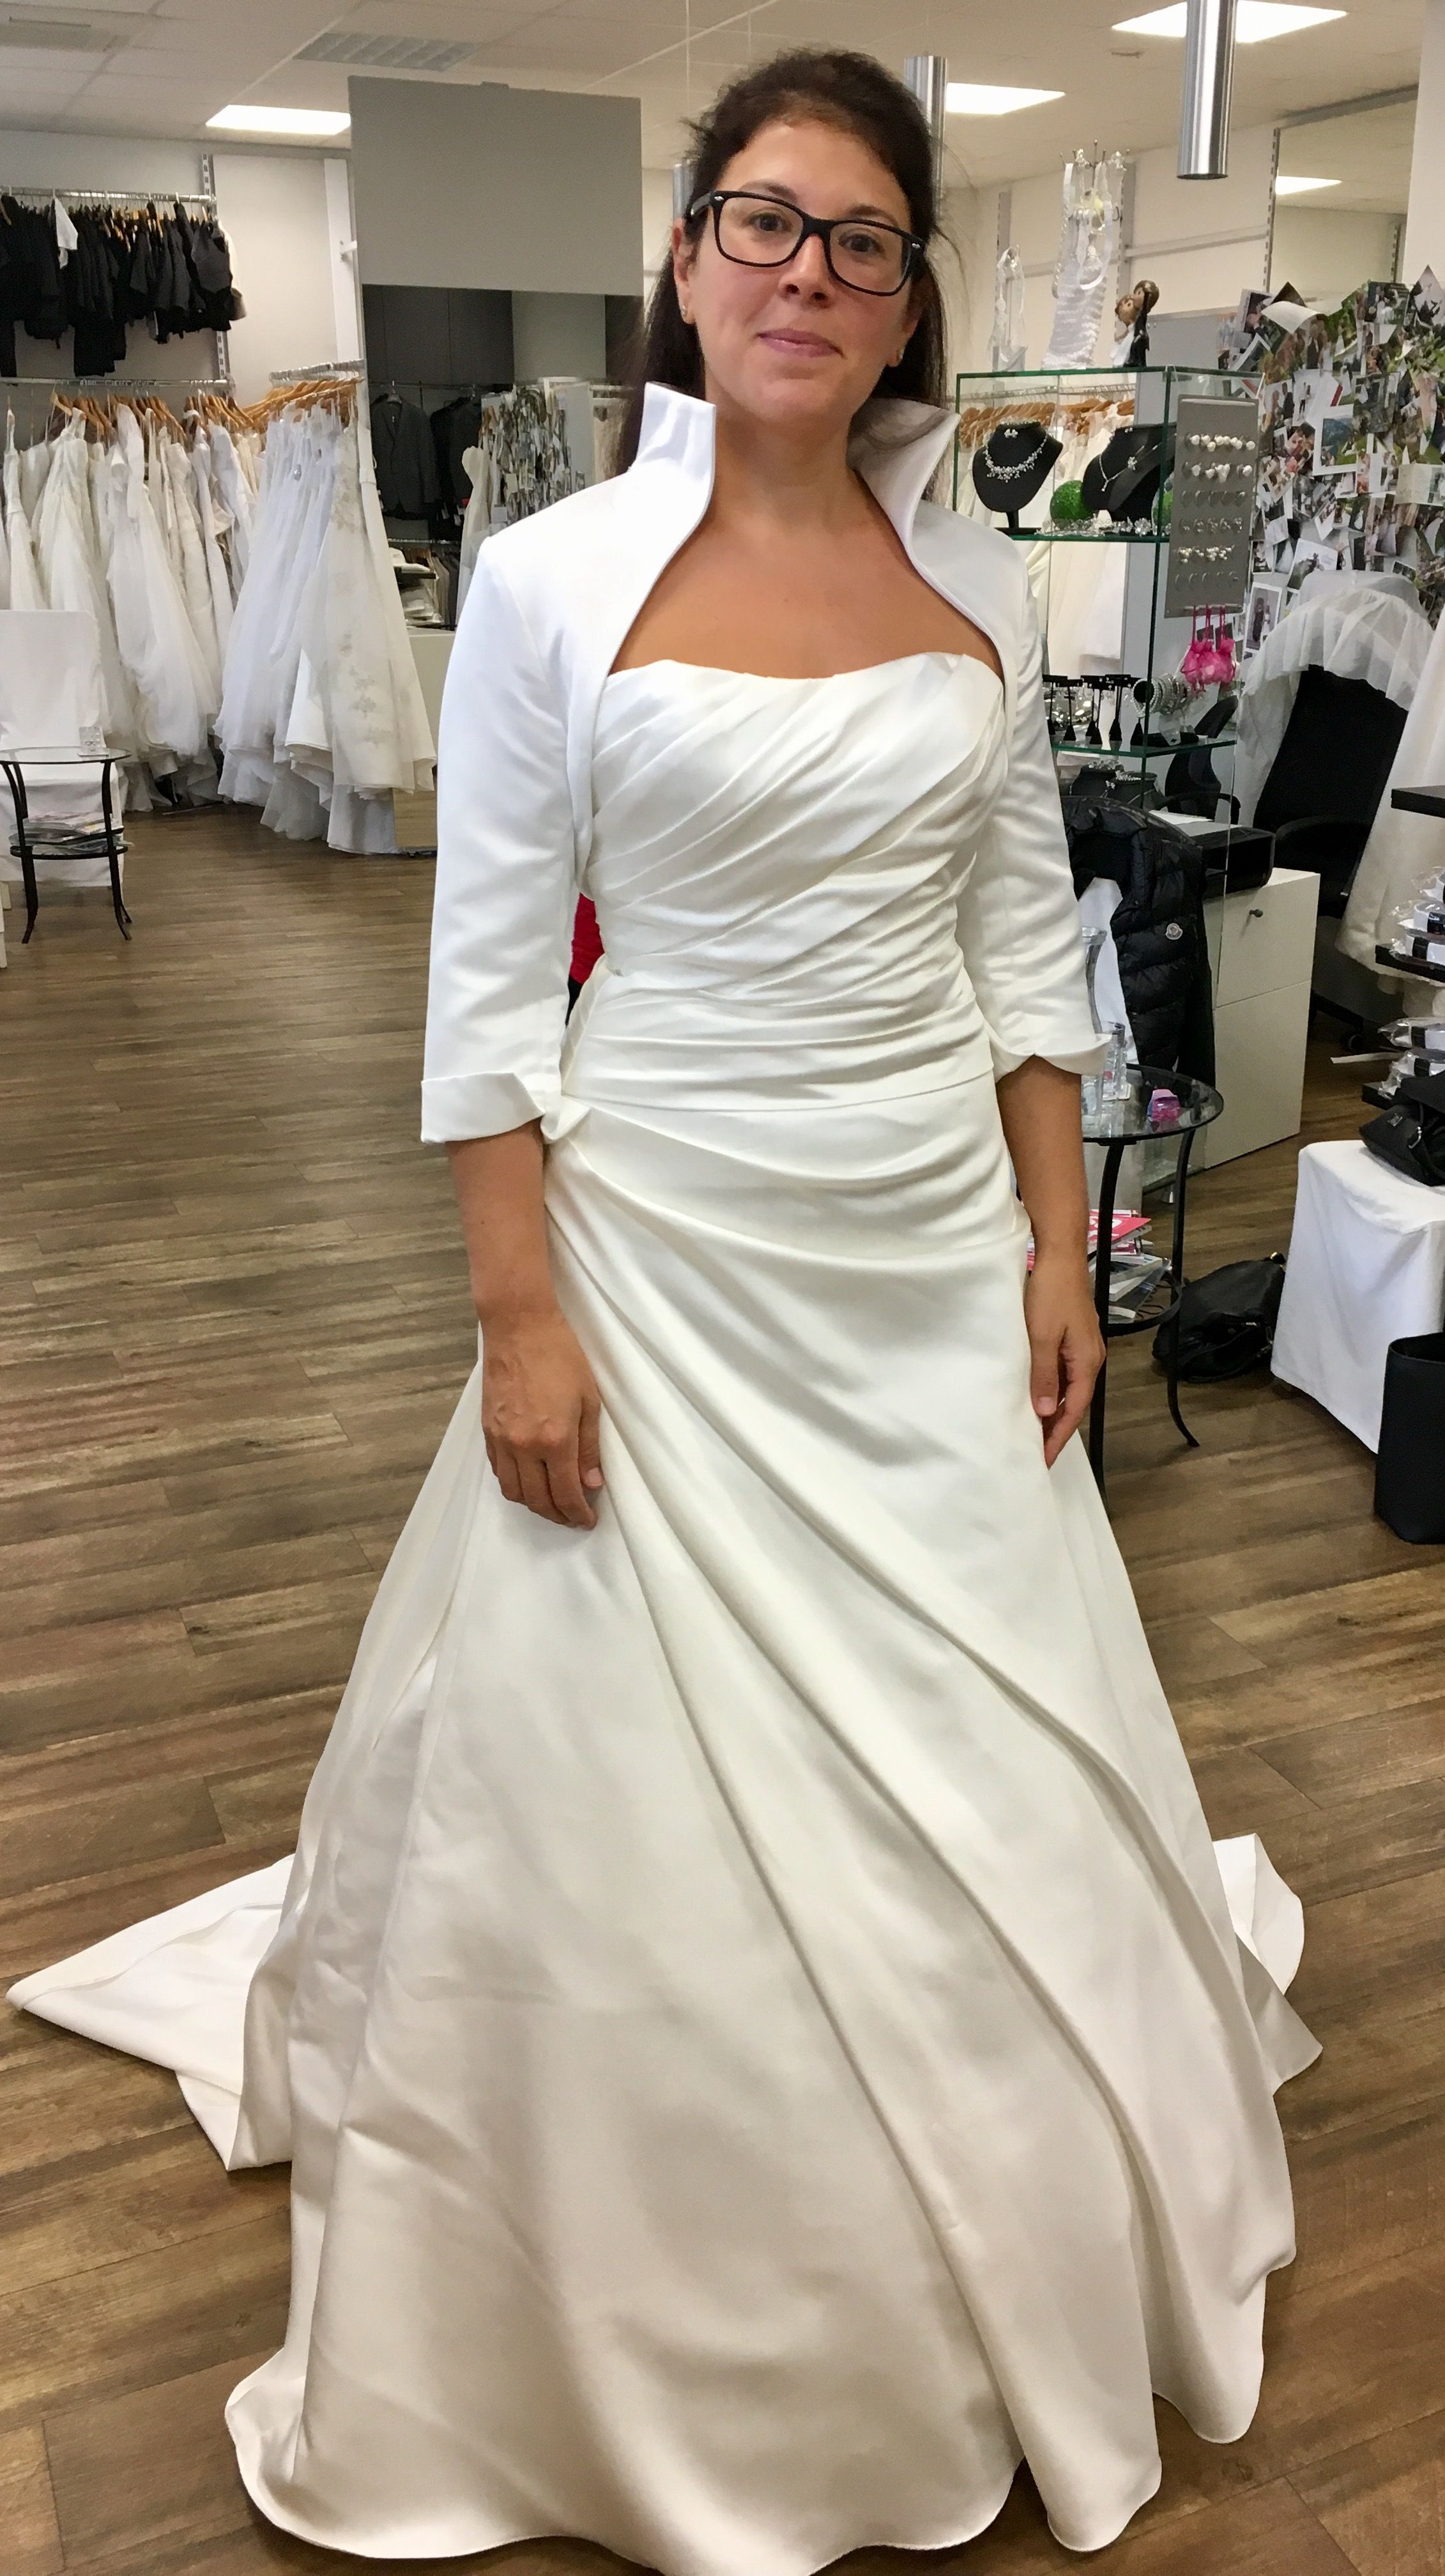 Pin von Verena Laneve auf Brautkleid | Pinterest | Brautkleid